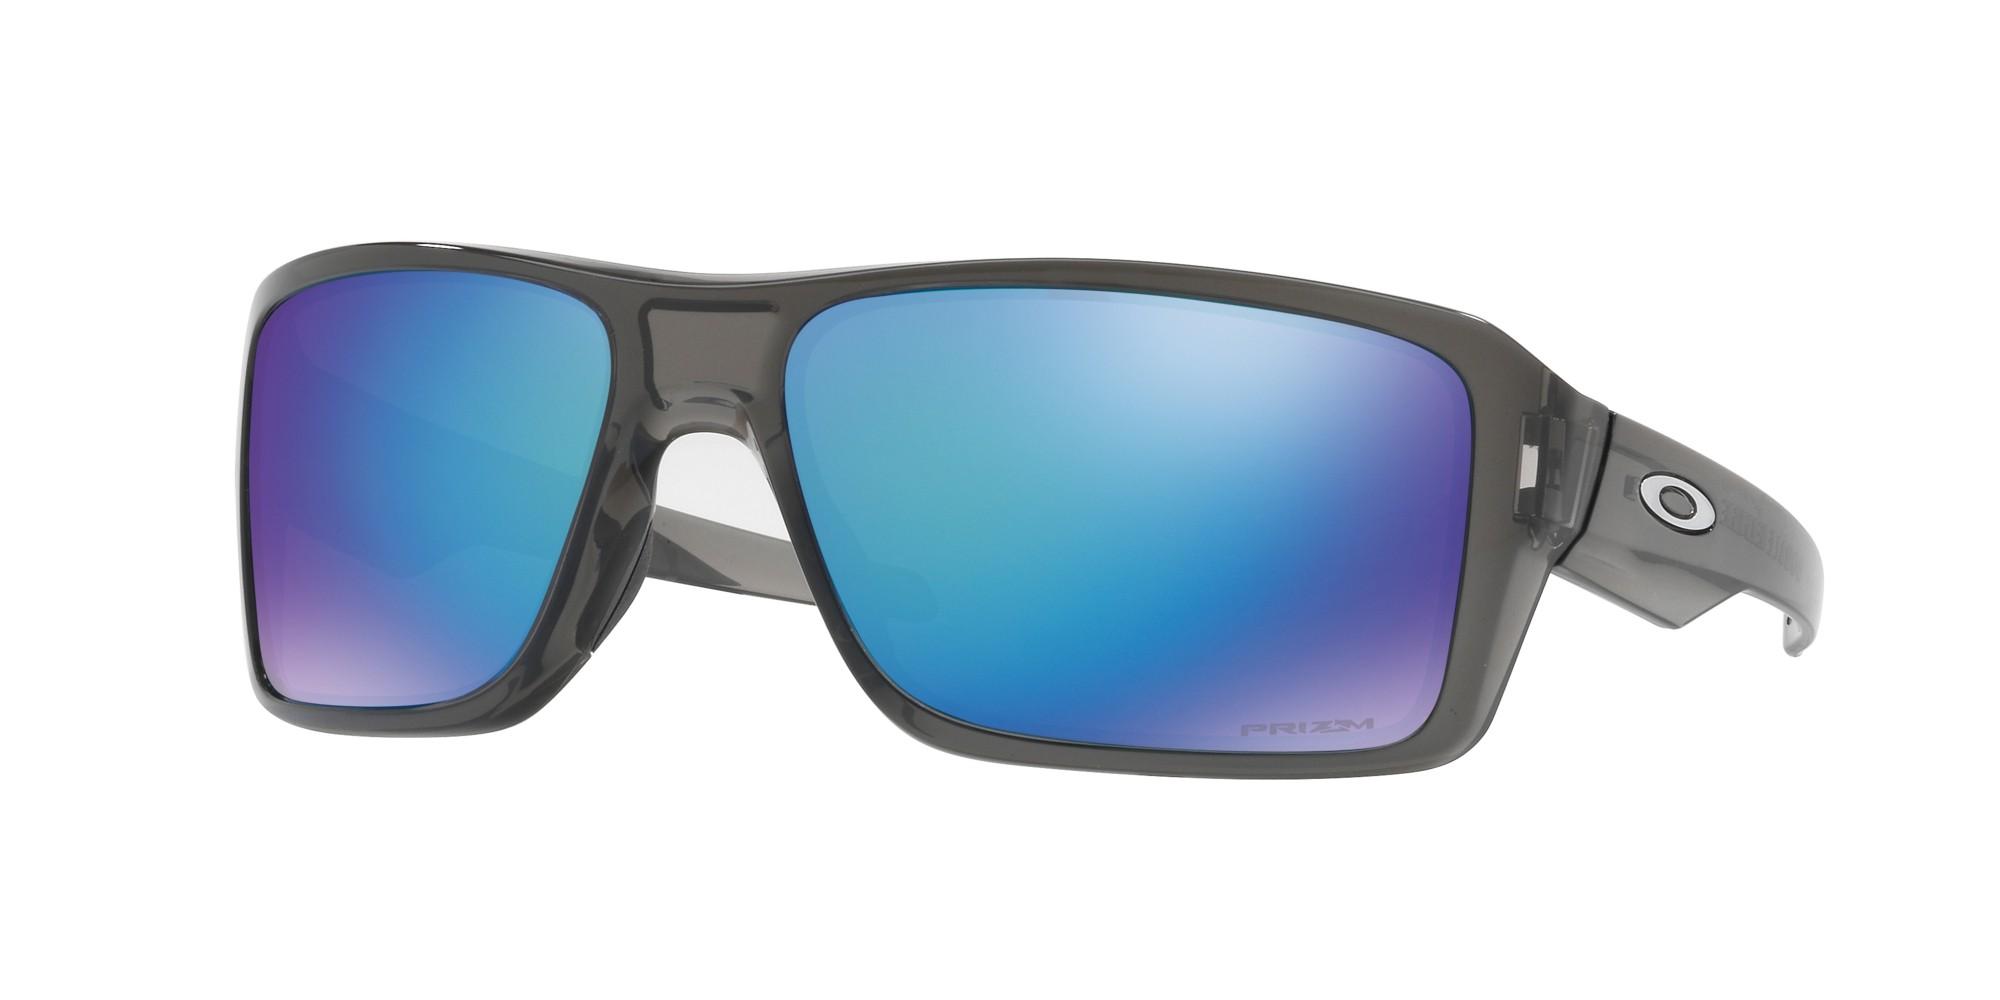 0f2b533e5a Authentic Oakley Double Edge Prescription Sunglasses